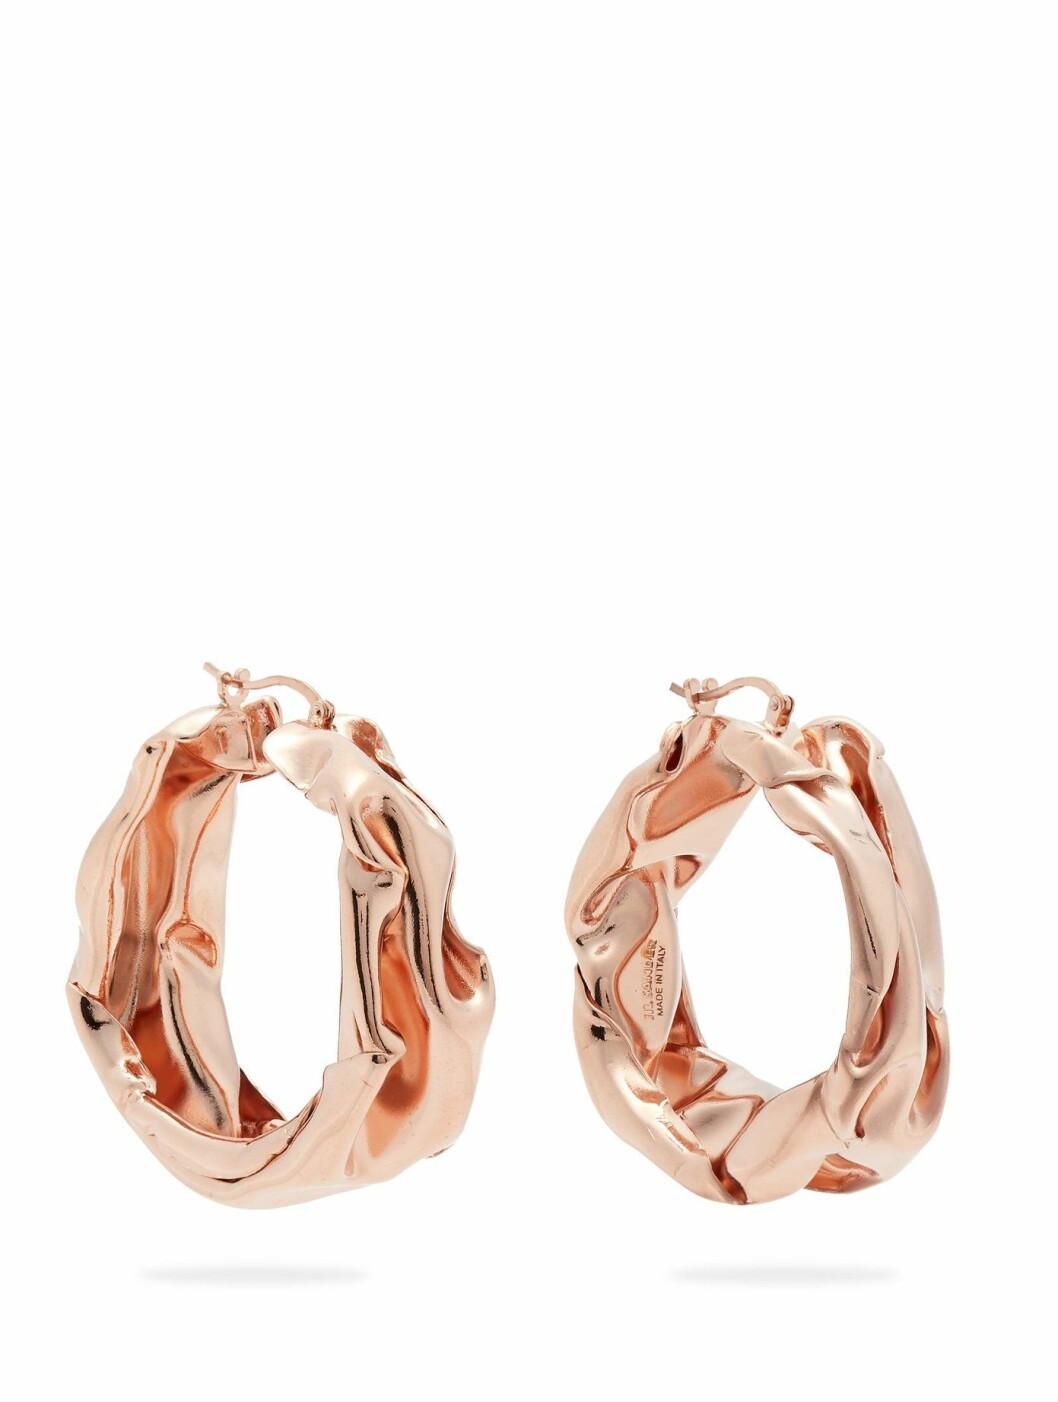 Øredobber fra Jil Sander  1600,-  https://www.matchesfashion.com/intl/products/Jil-Sander-Hammered-rose-gold-tone-hoop-earrings-1232879